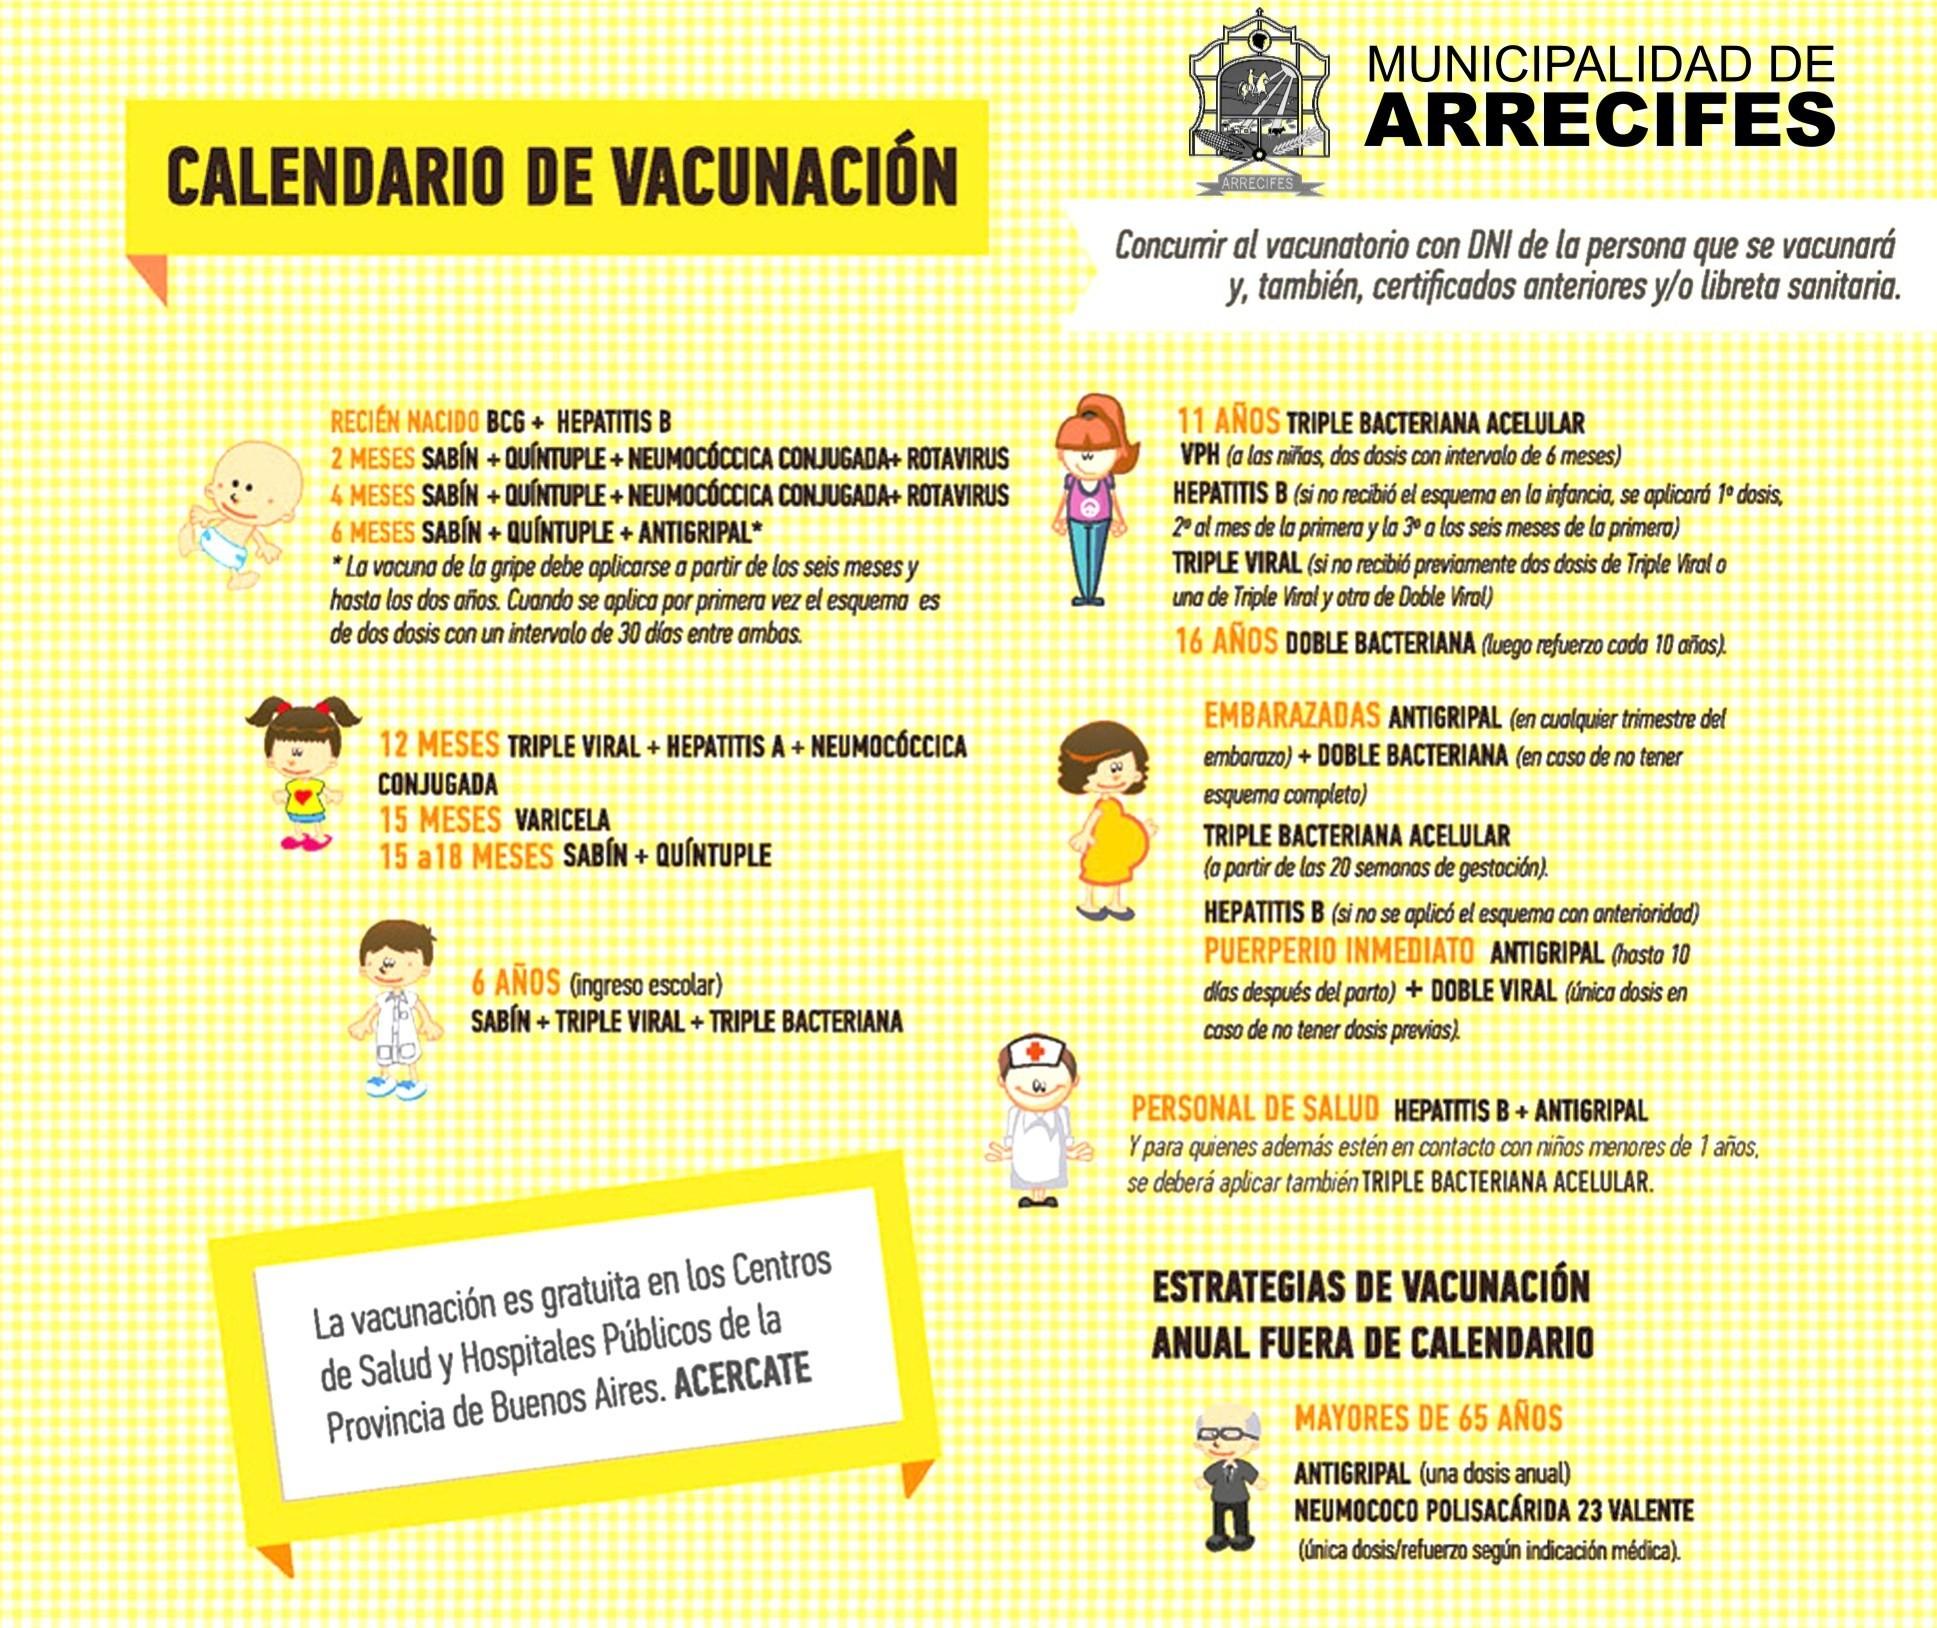 Calendario De Vacunaci³n Y Presentaci³n De Los Certificados